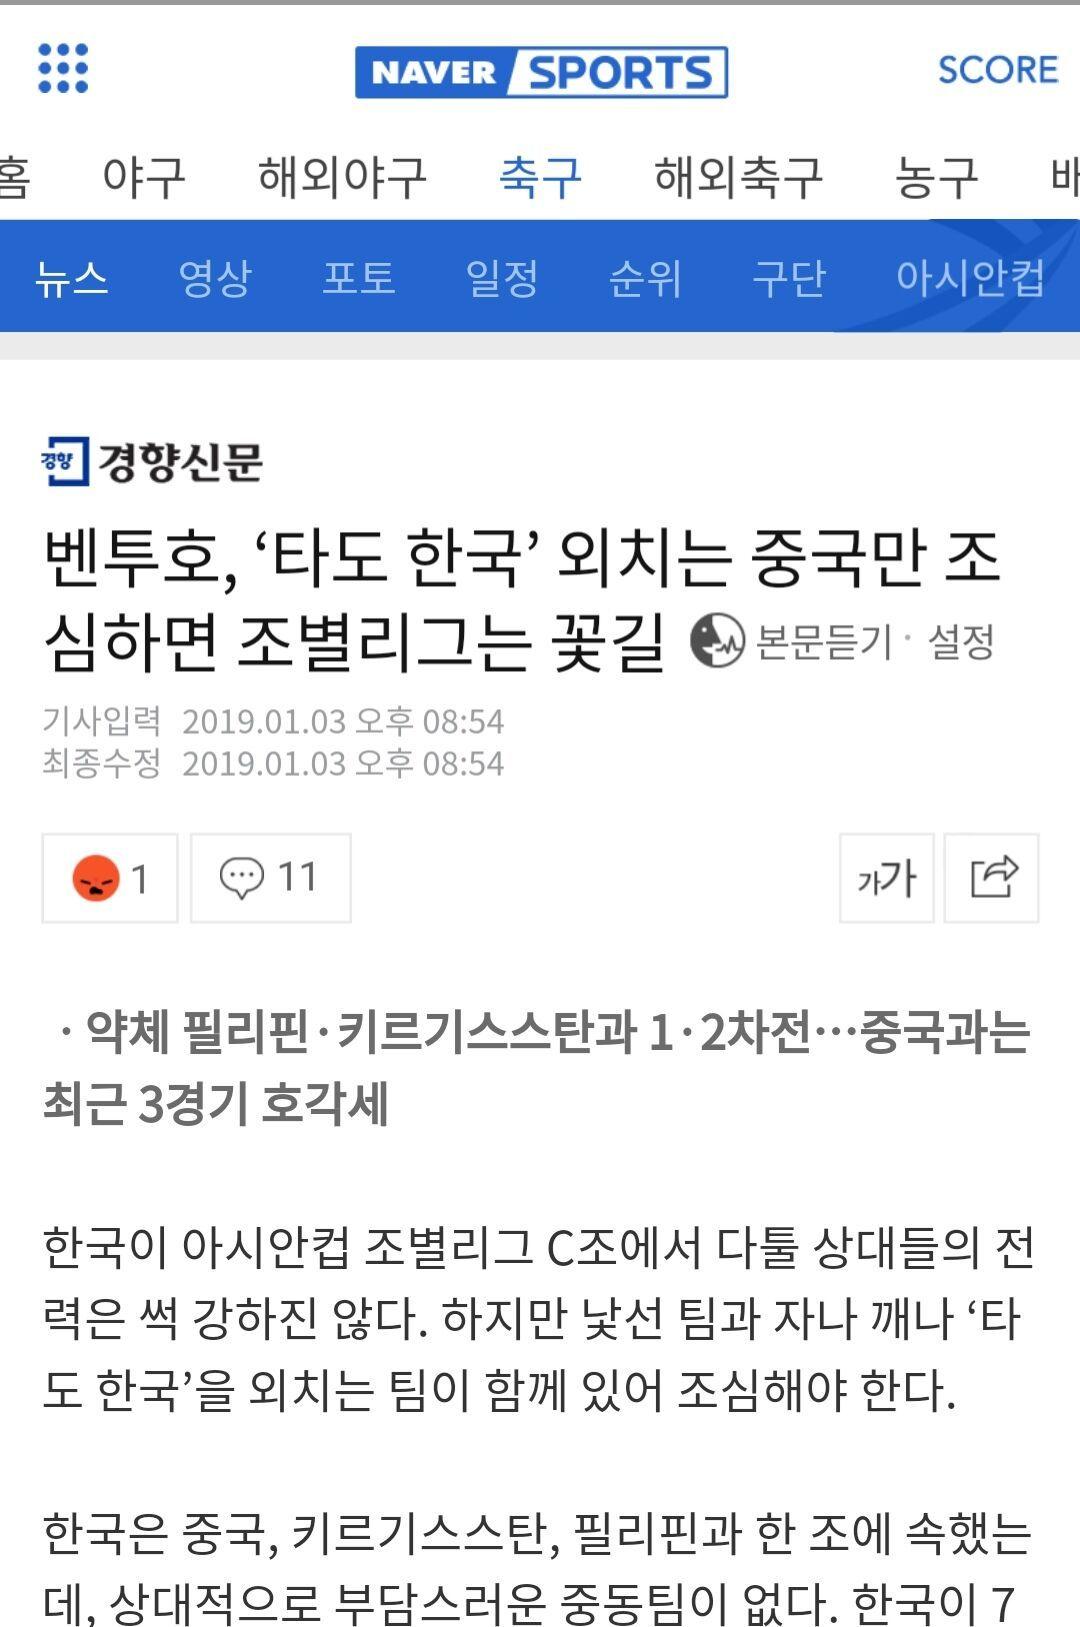 韩媒:中国男足威胁最大注意郜林于大宝未提武磊